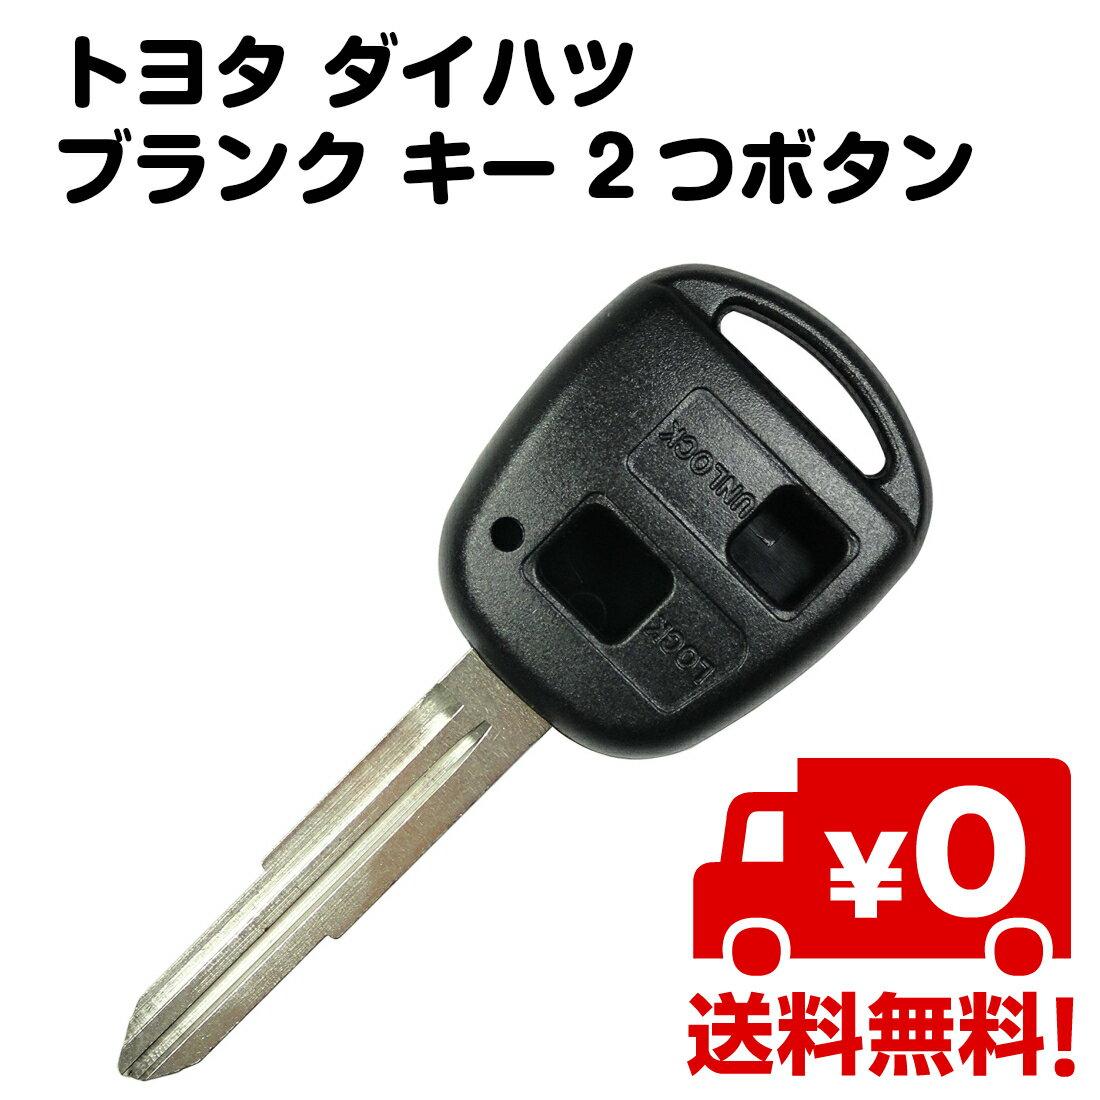 【追跡ゆうパケット送料無料】 トヨタ toyota ダイハツ daihatsu ブランク キー 2つボタン bB RUSH パッソ TOY41R